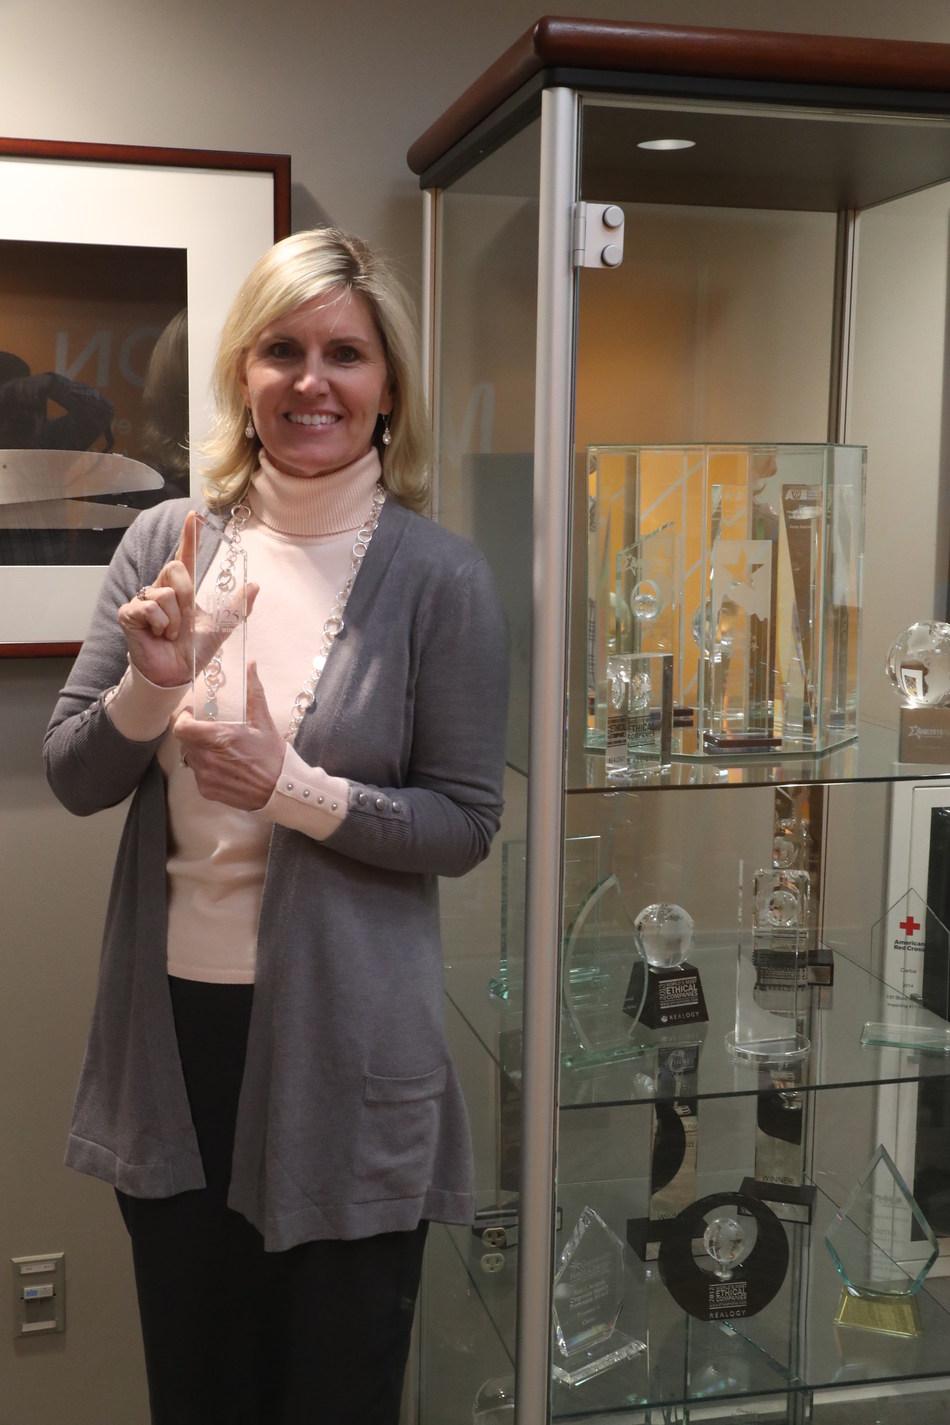 Cartus Training Manager, Kathleen Mulvihill, proudly holding a trophy awarded by Training Magazine